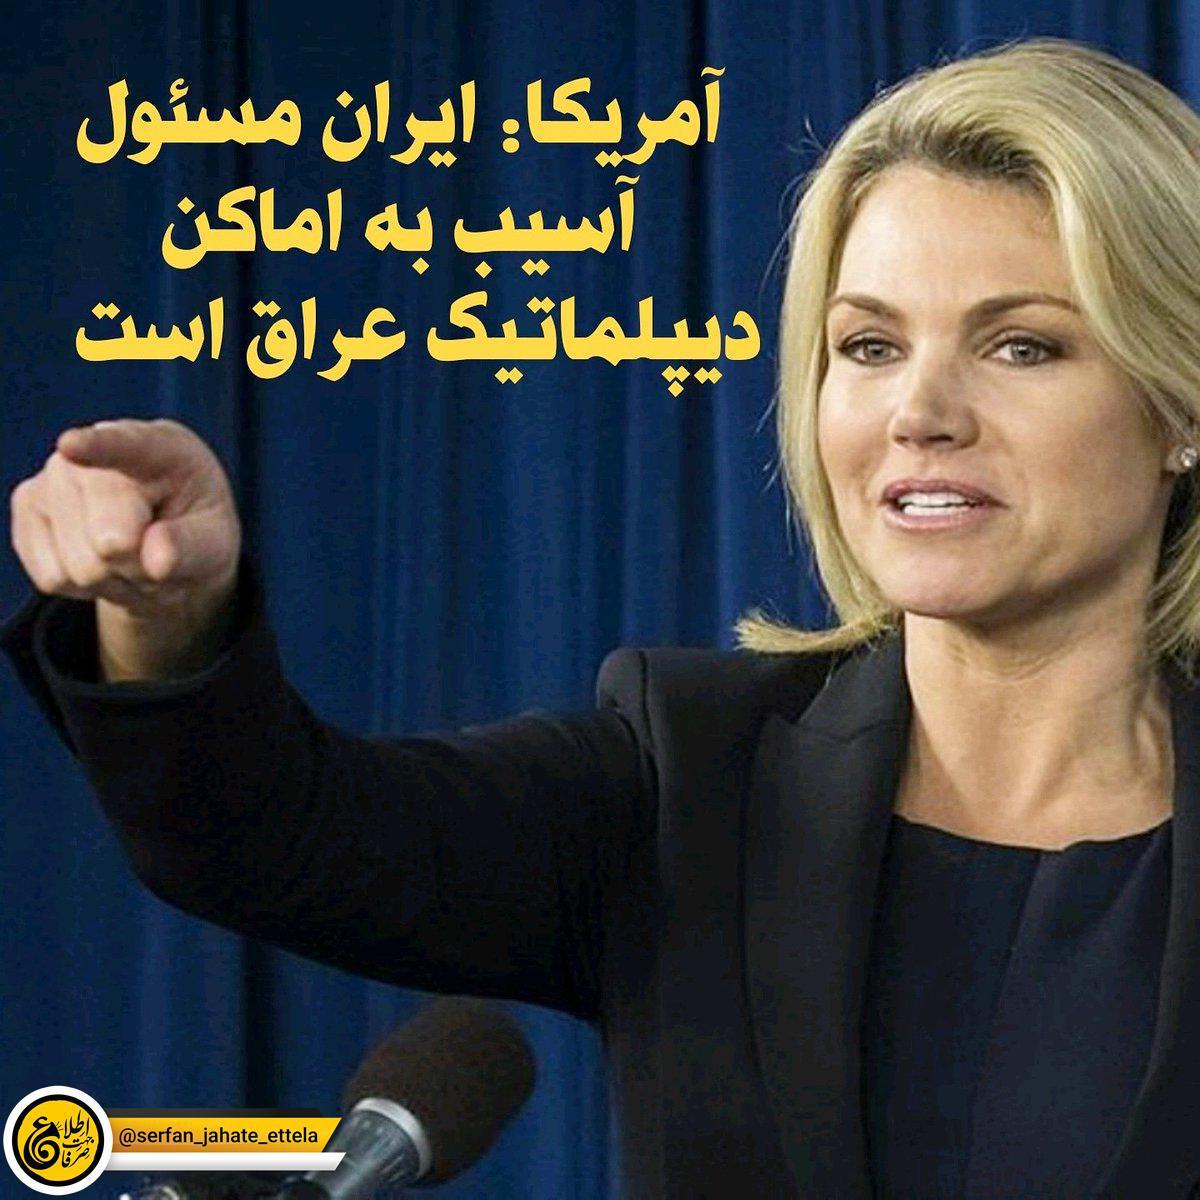 سخنگوی وزارت خارجه آمریکا با ادعای اینکه ایران در حال بیثبات کردن منطقه است،